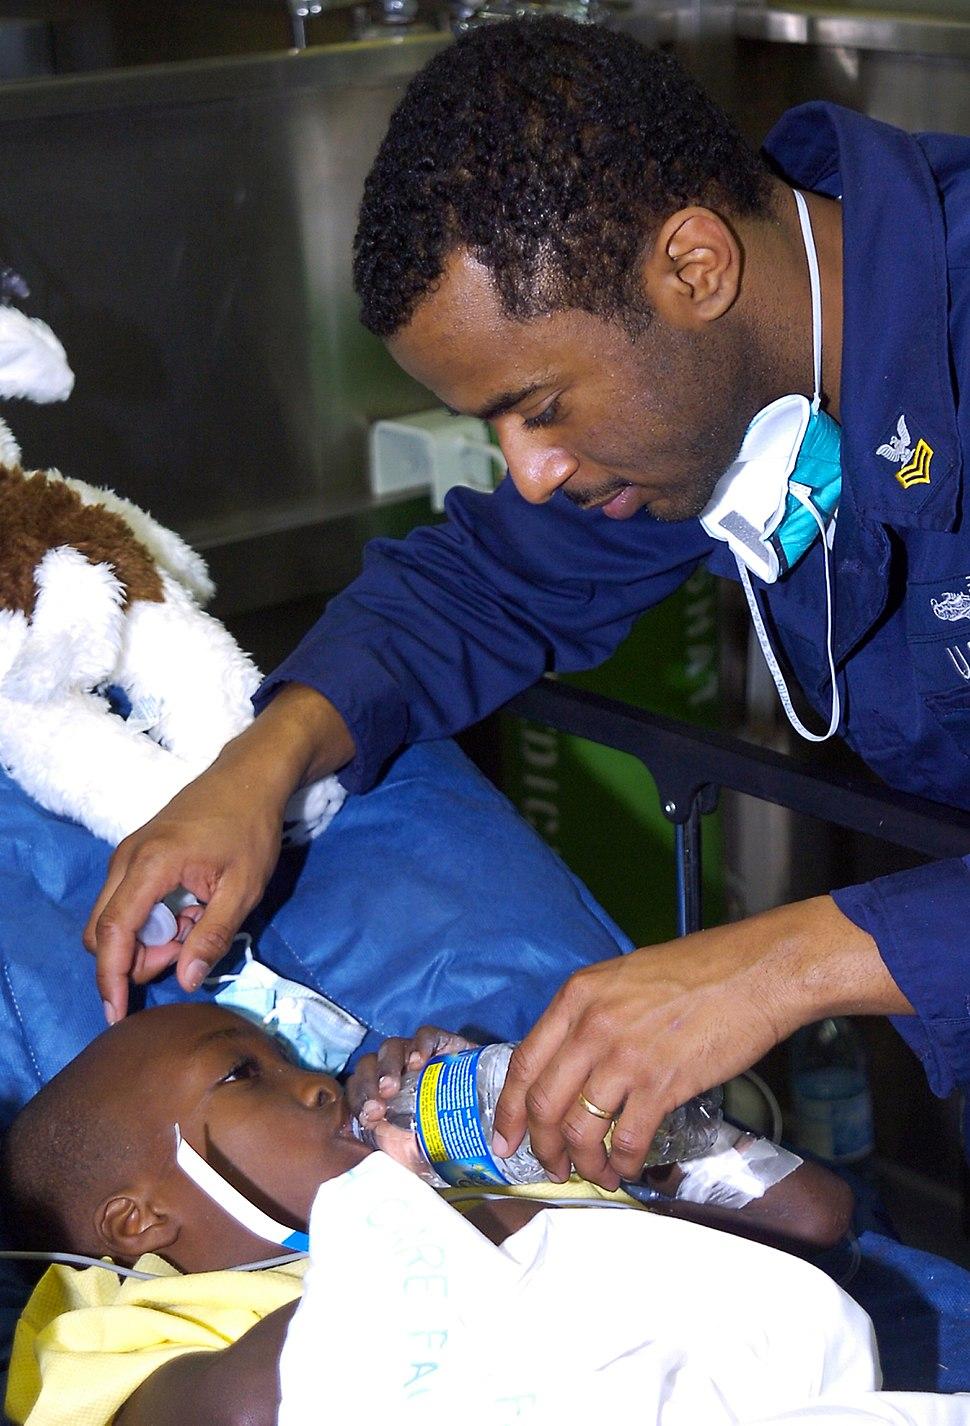 Usns comfort patient haiti jan22